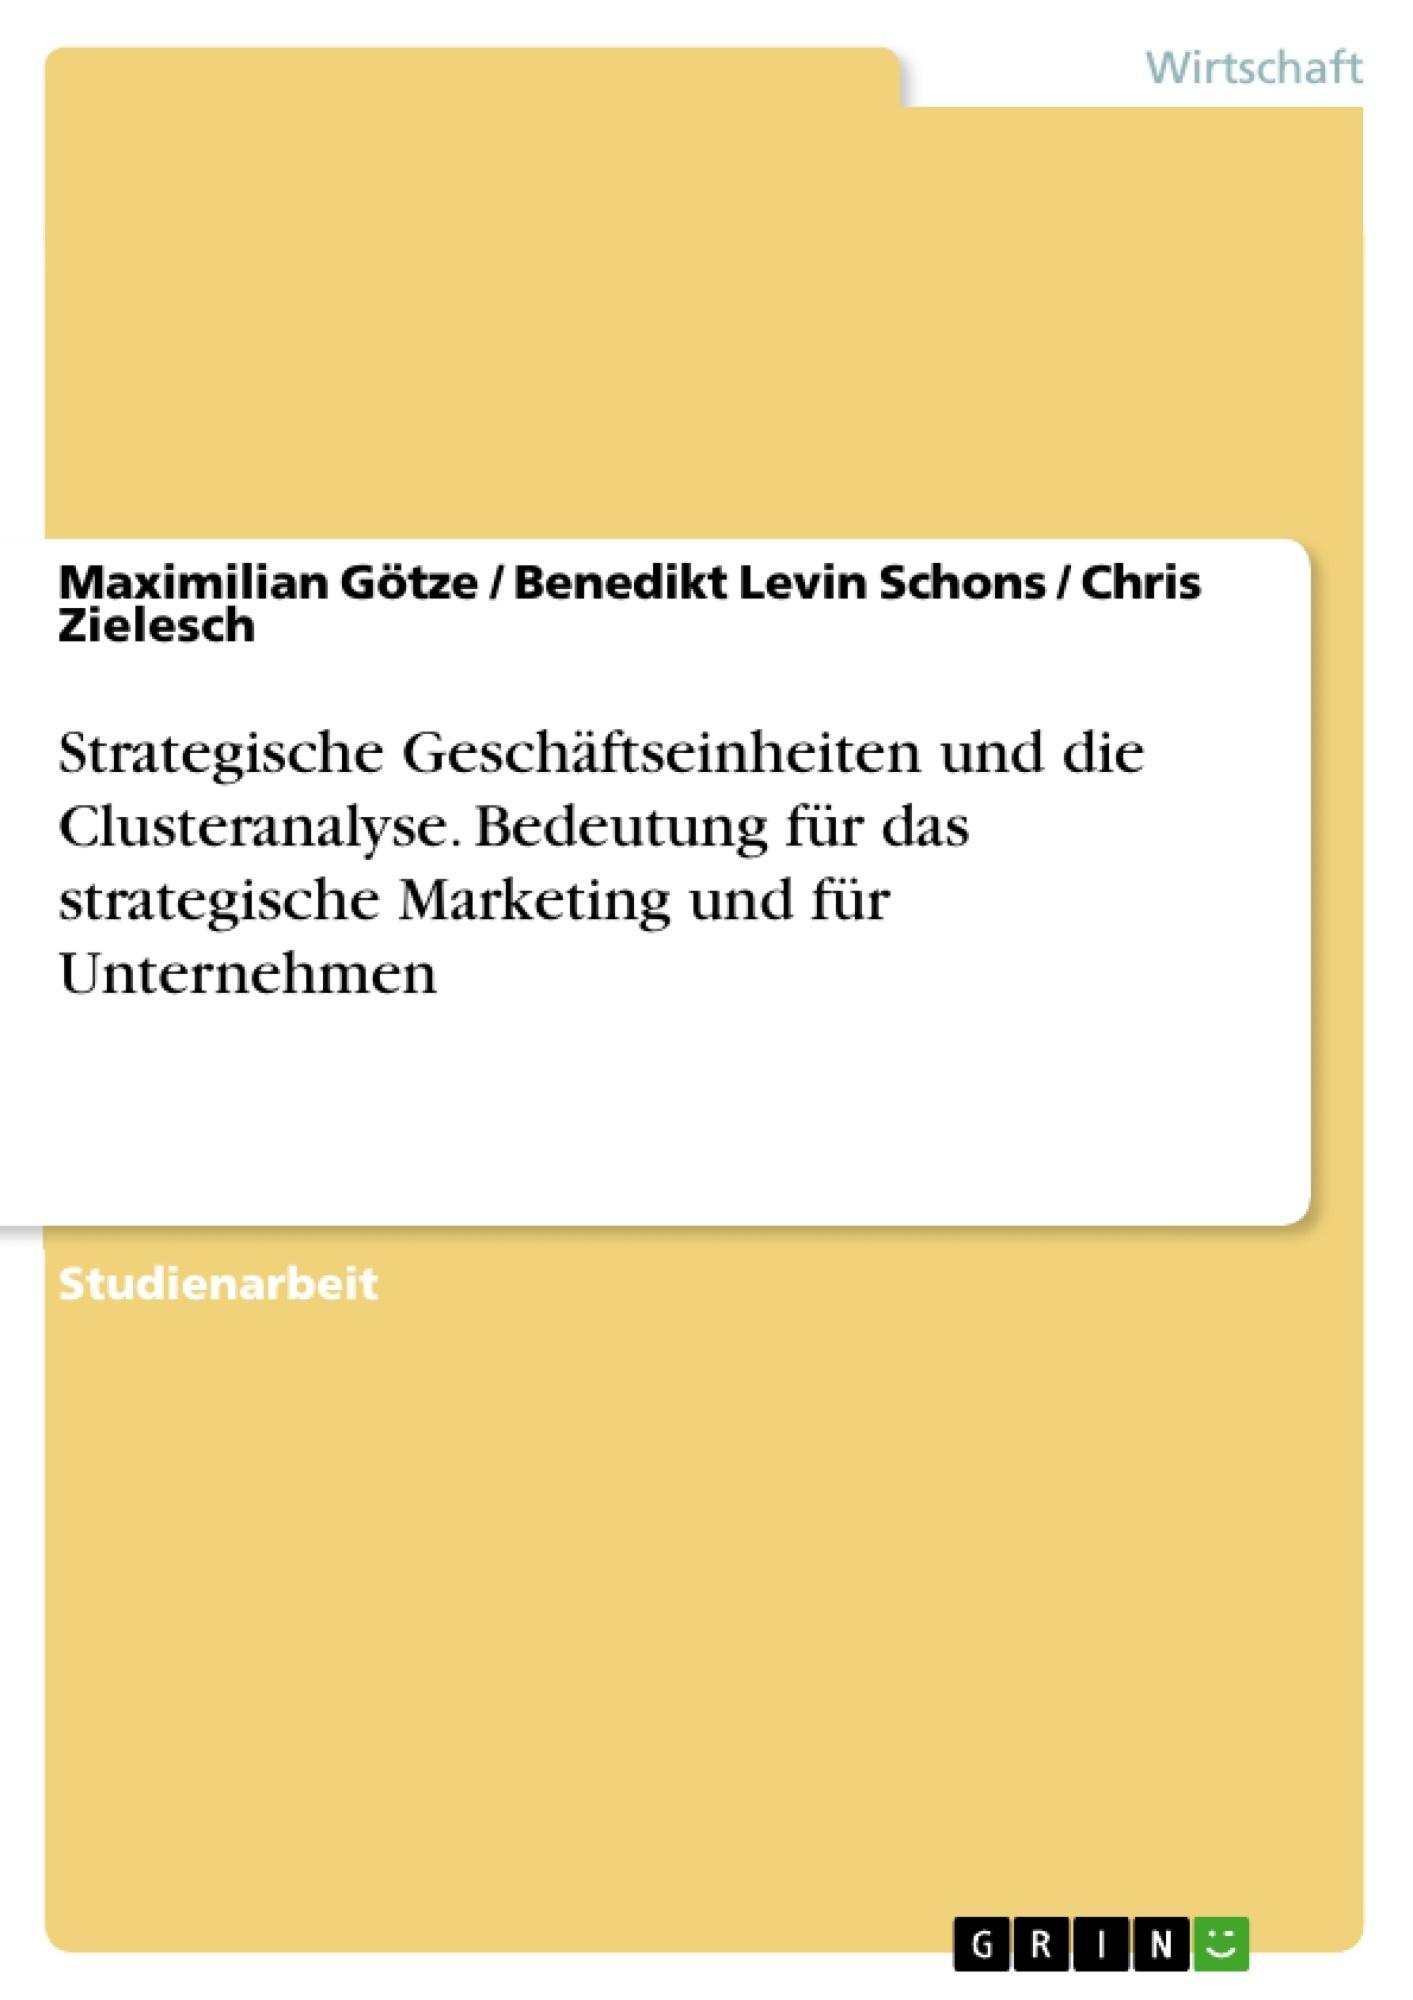 Titel: Strategische Geschäftseinheiten und die Clusteranalyse. Bedeutung für das strategische Marketing und für Unternehmen